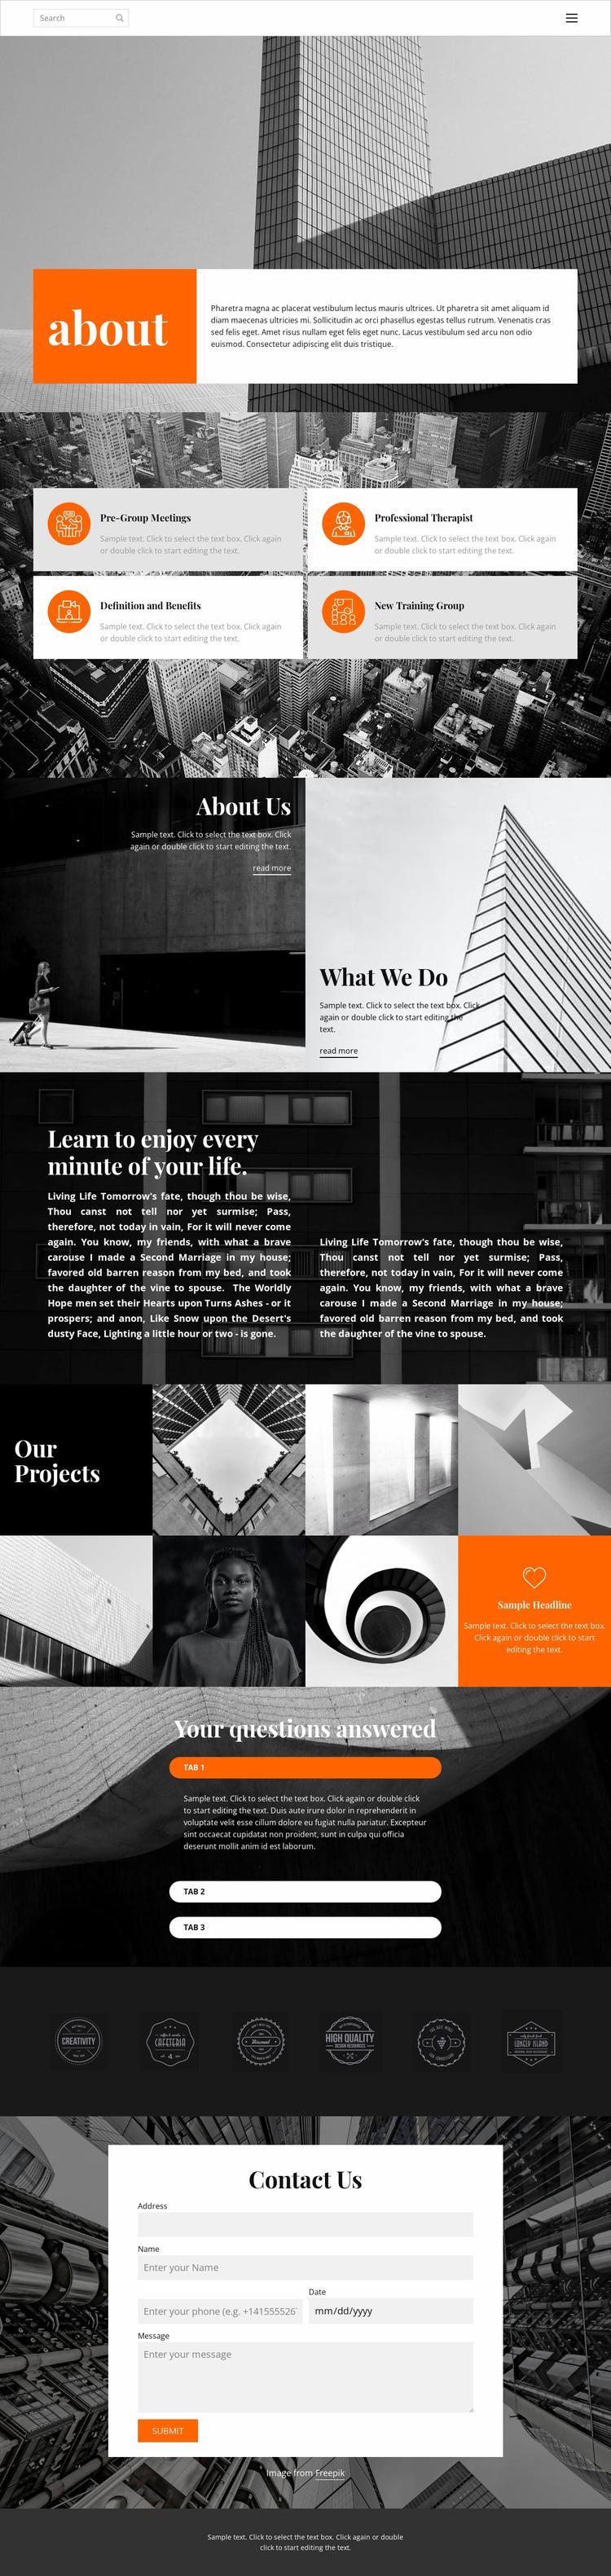 New projects studio Website Design